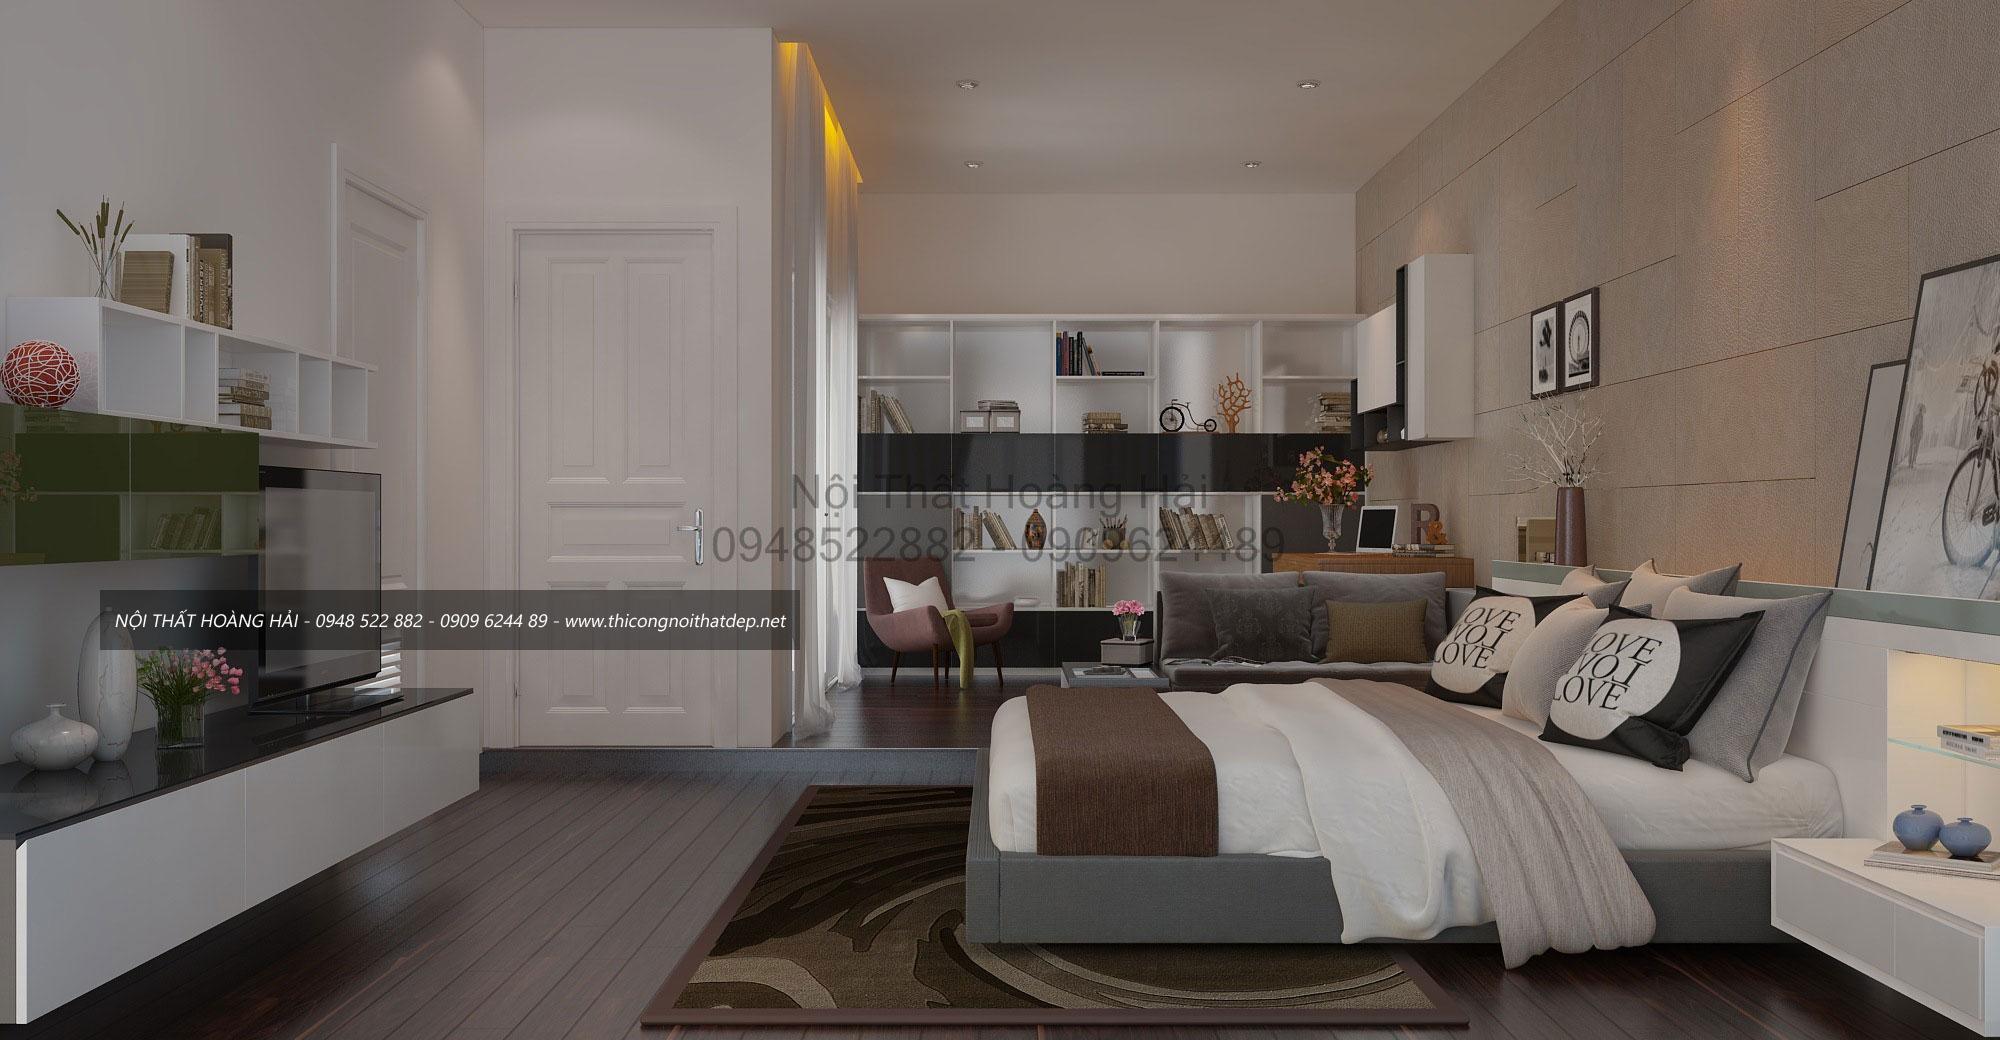 nội thất phòng ngủ tại biệt thự Him Lam